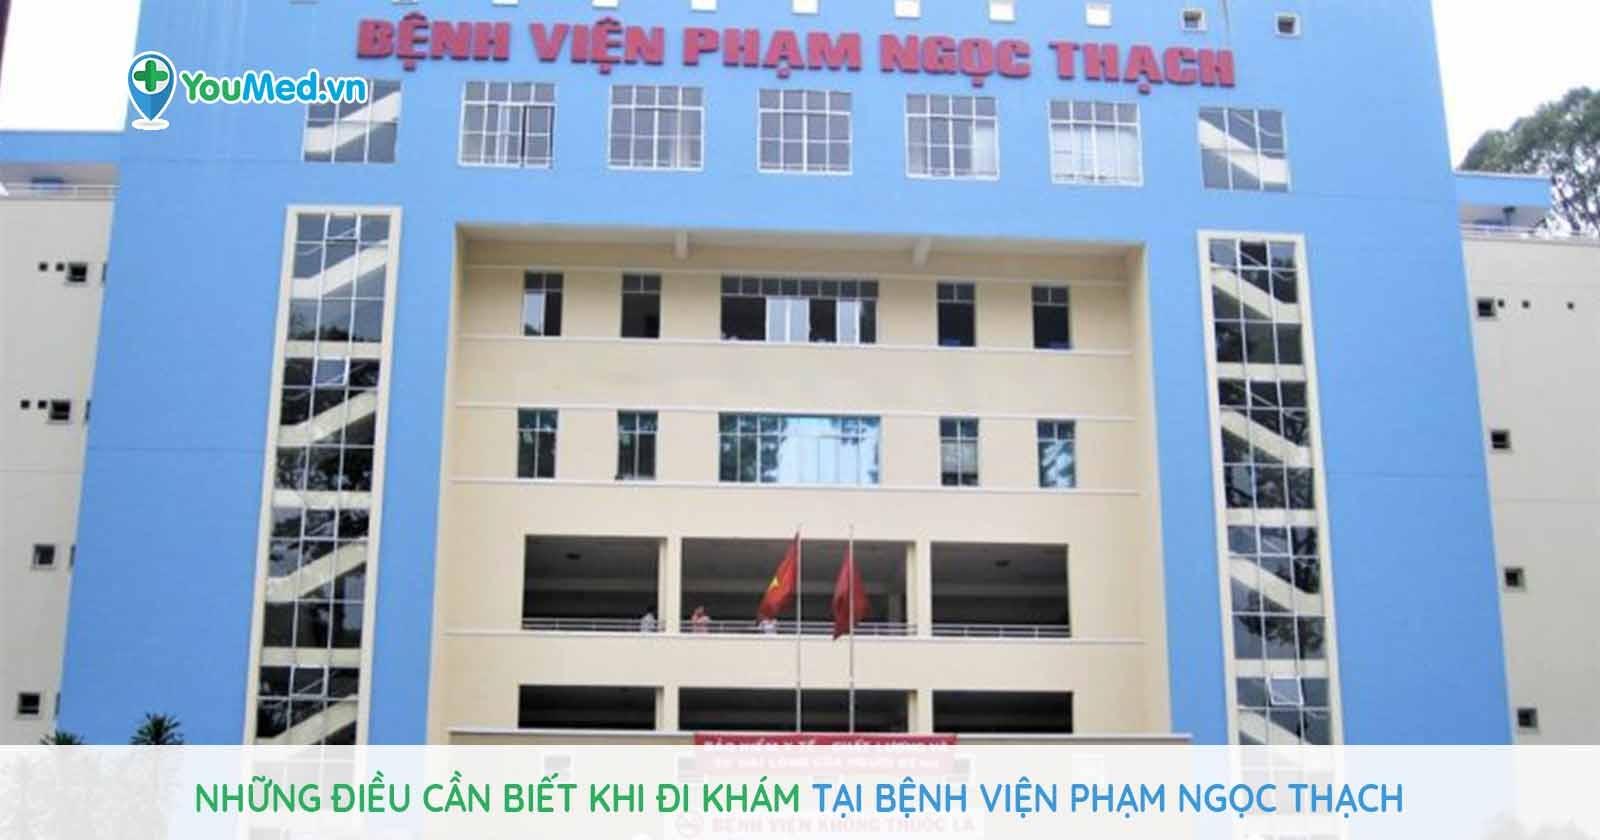 Những điều cần biết khi đi khám tại bệnh viện Phạm Ngọc Thạch